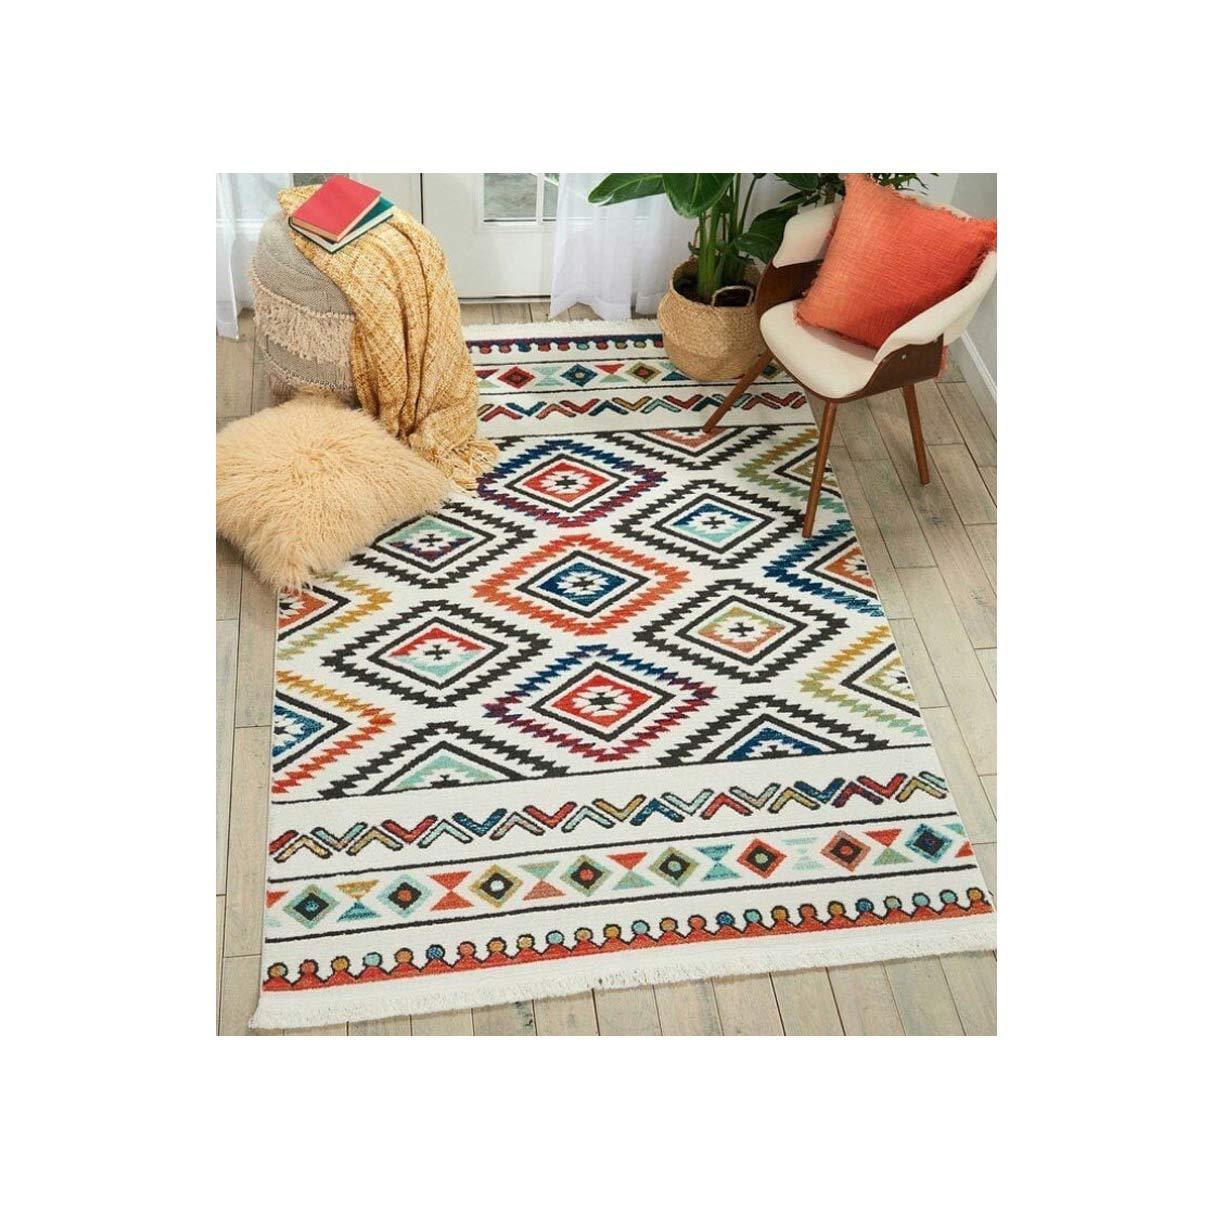 فرش فانتزی کلکسیون مراکشی کد 1108 چند رنگ